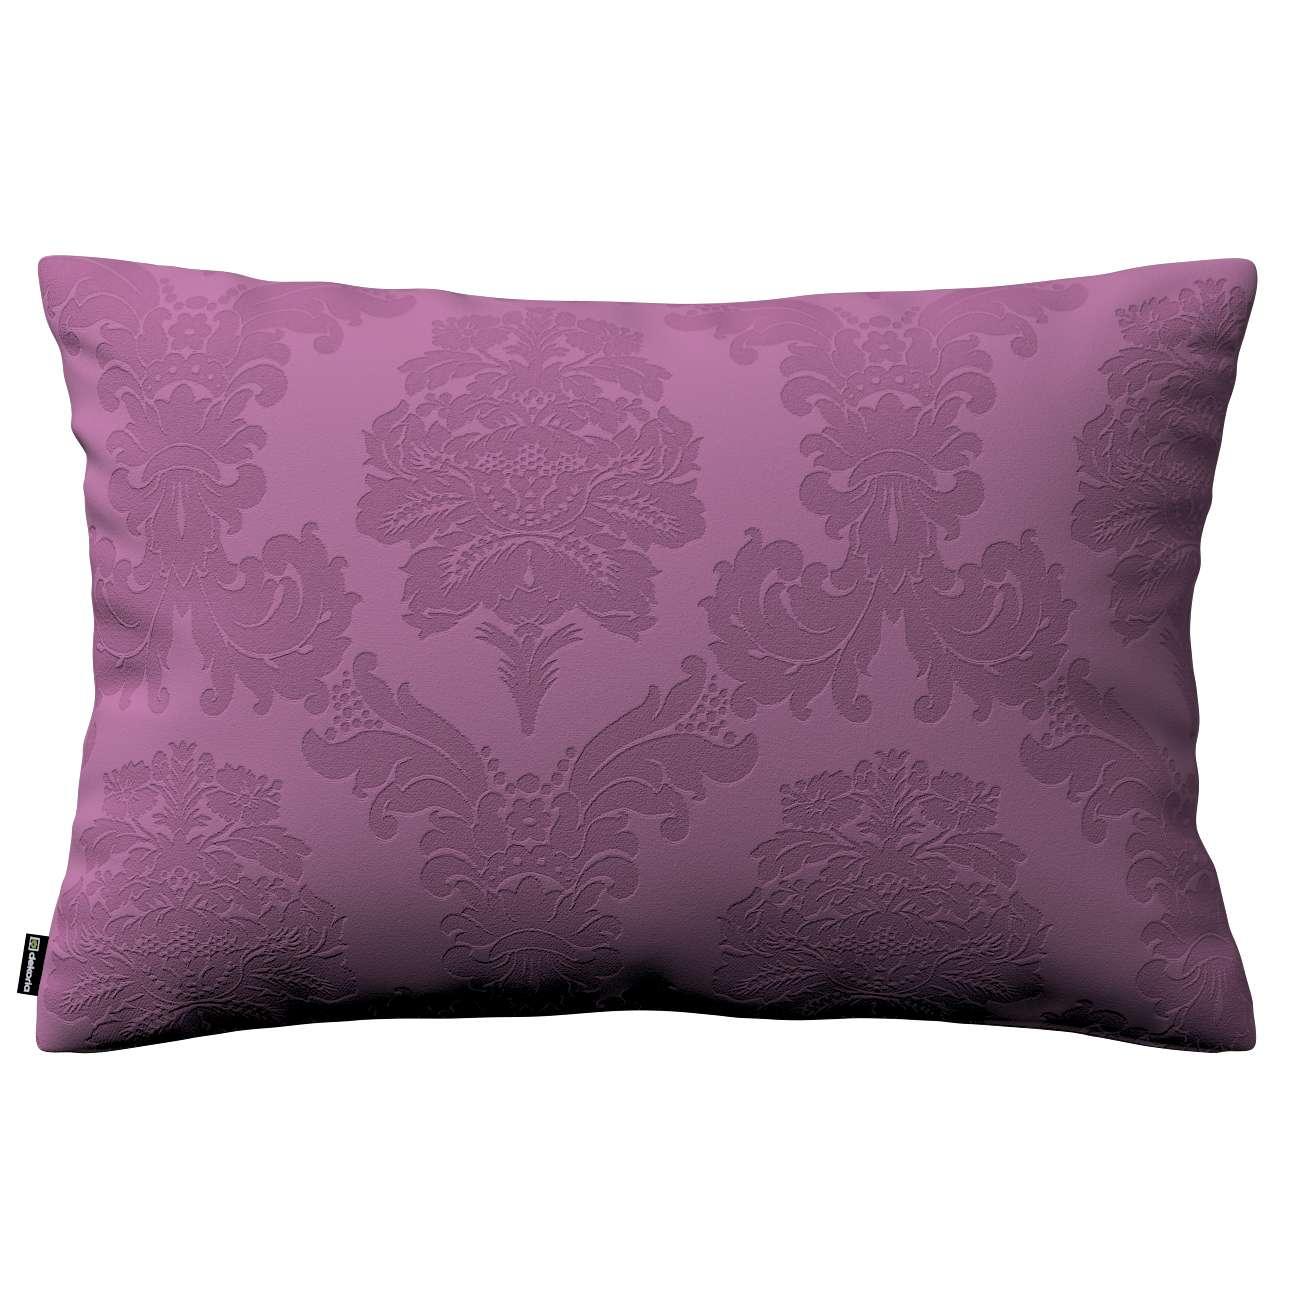 Kinga dekoratyvinės pagalvėlės užvalkalas 60x40cm 60x40cm kolekcijoje Damasco, audinys: 613-75